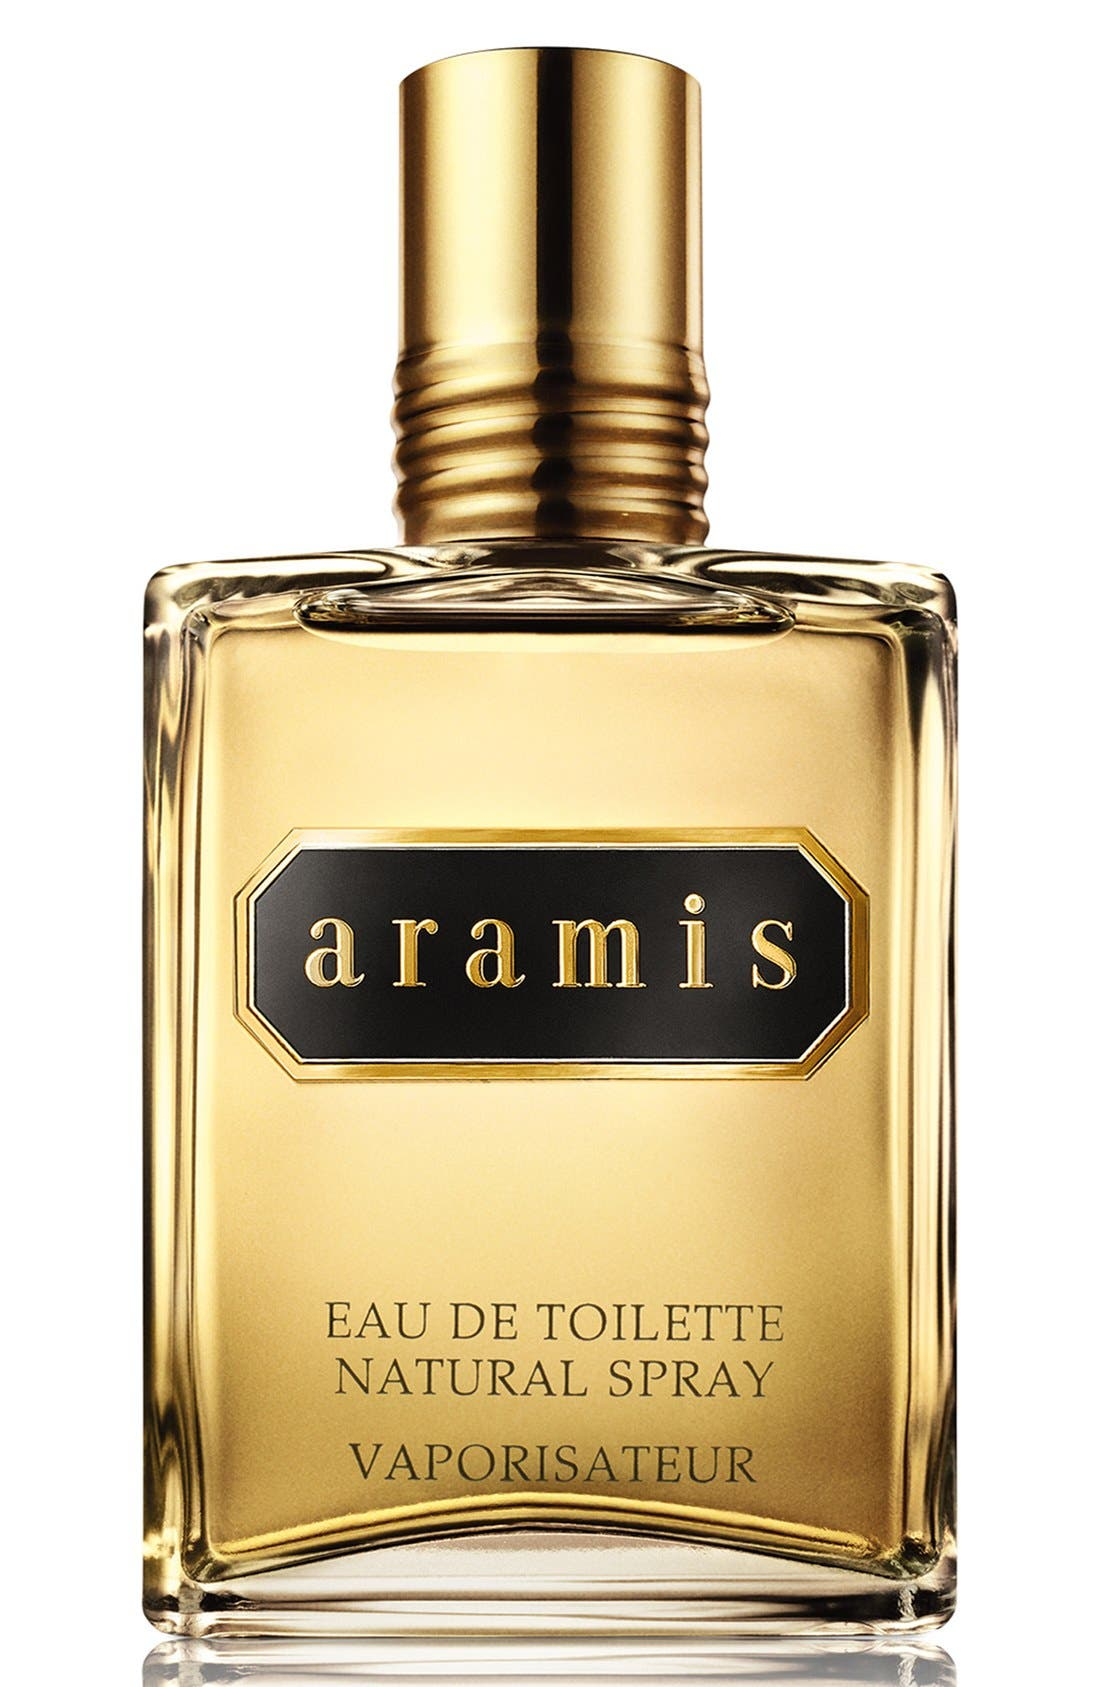 Aramis 'Classic' Eau de Toilette